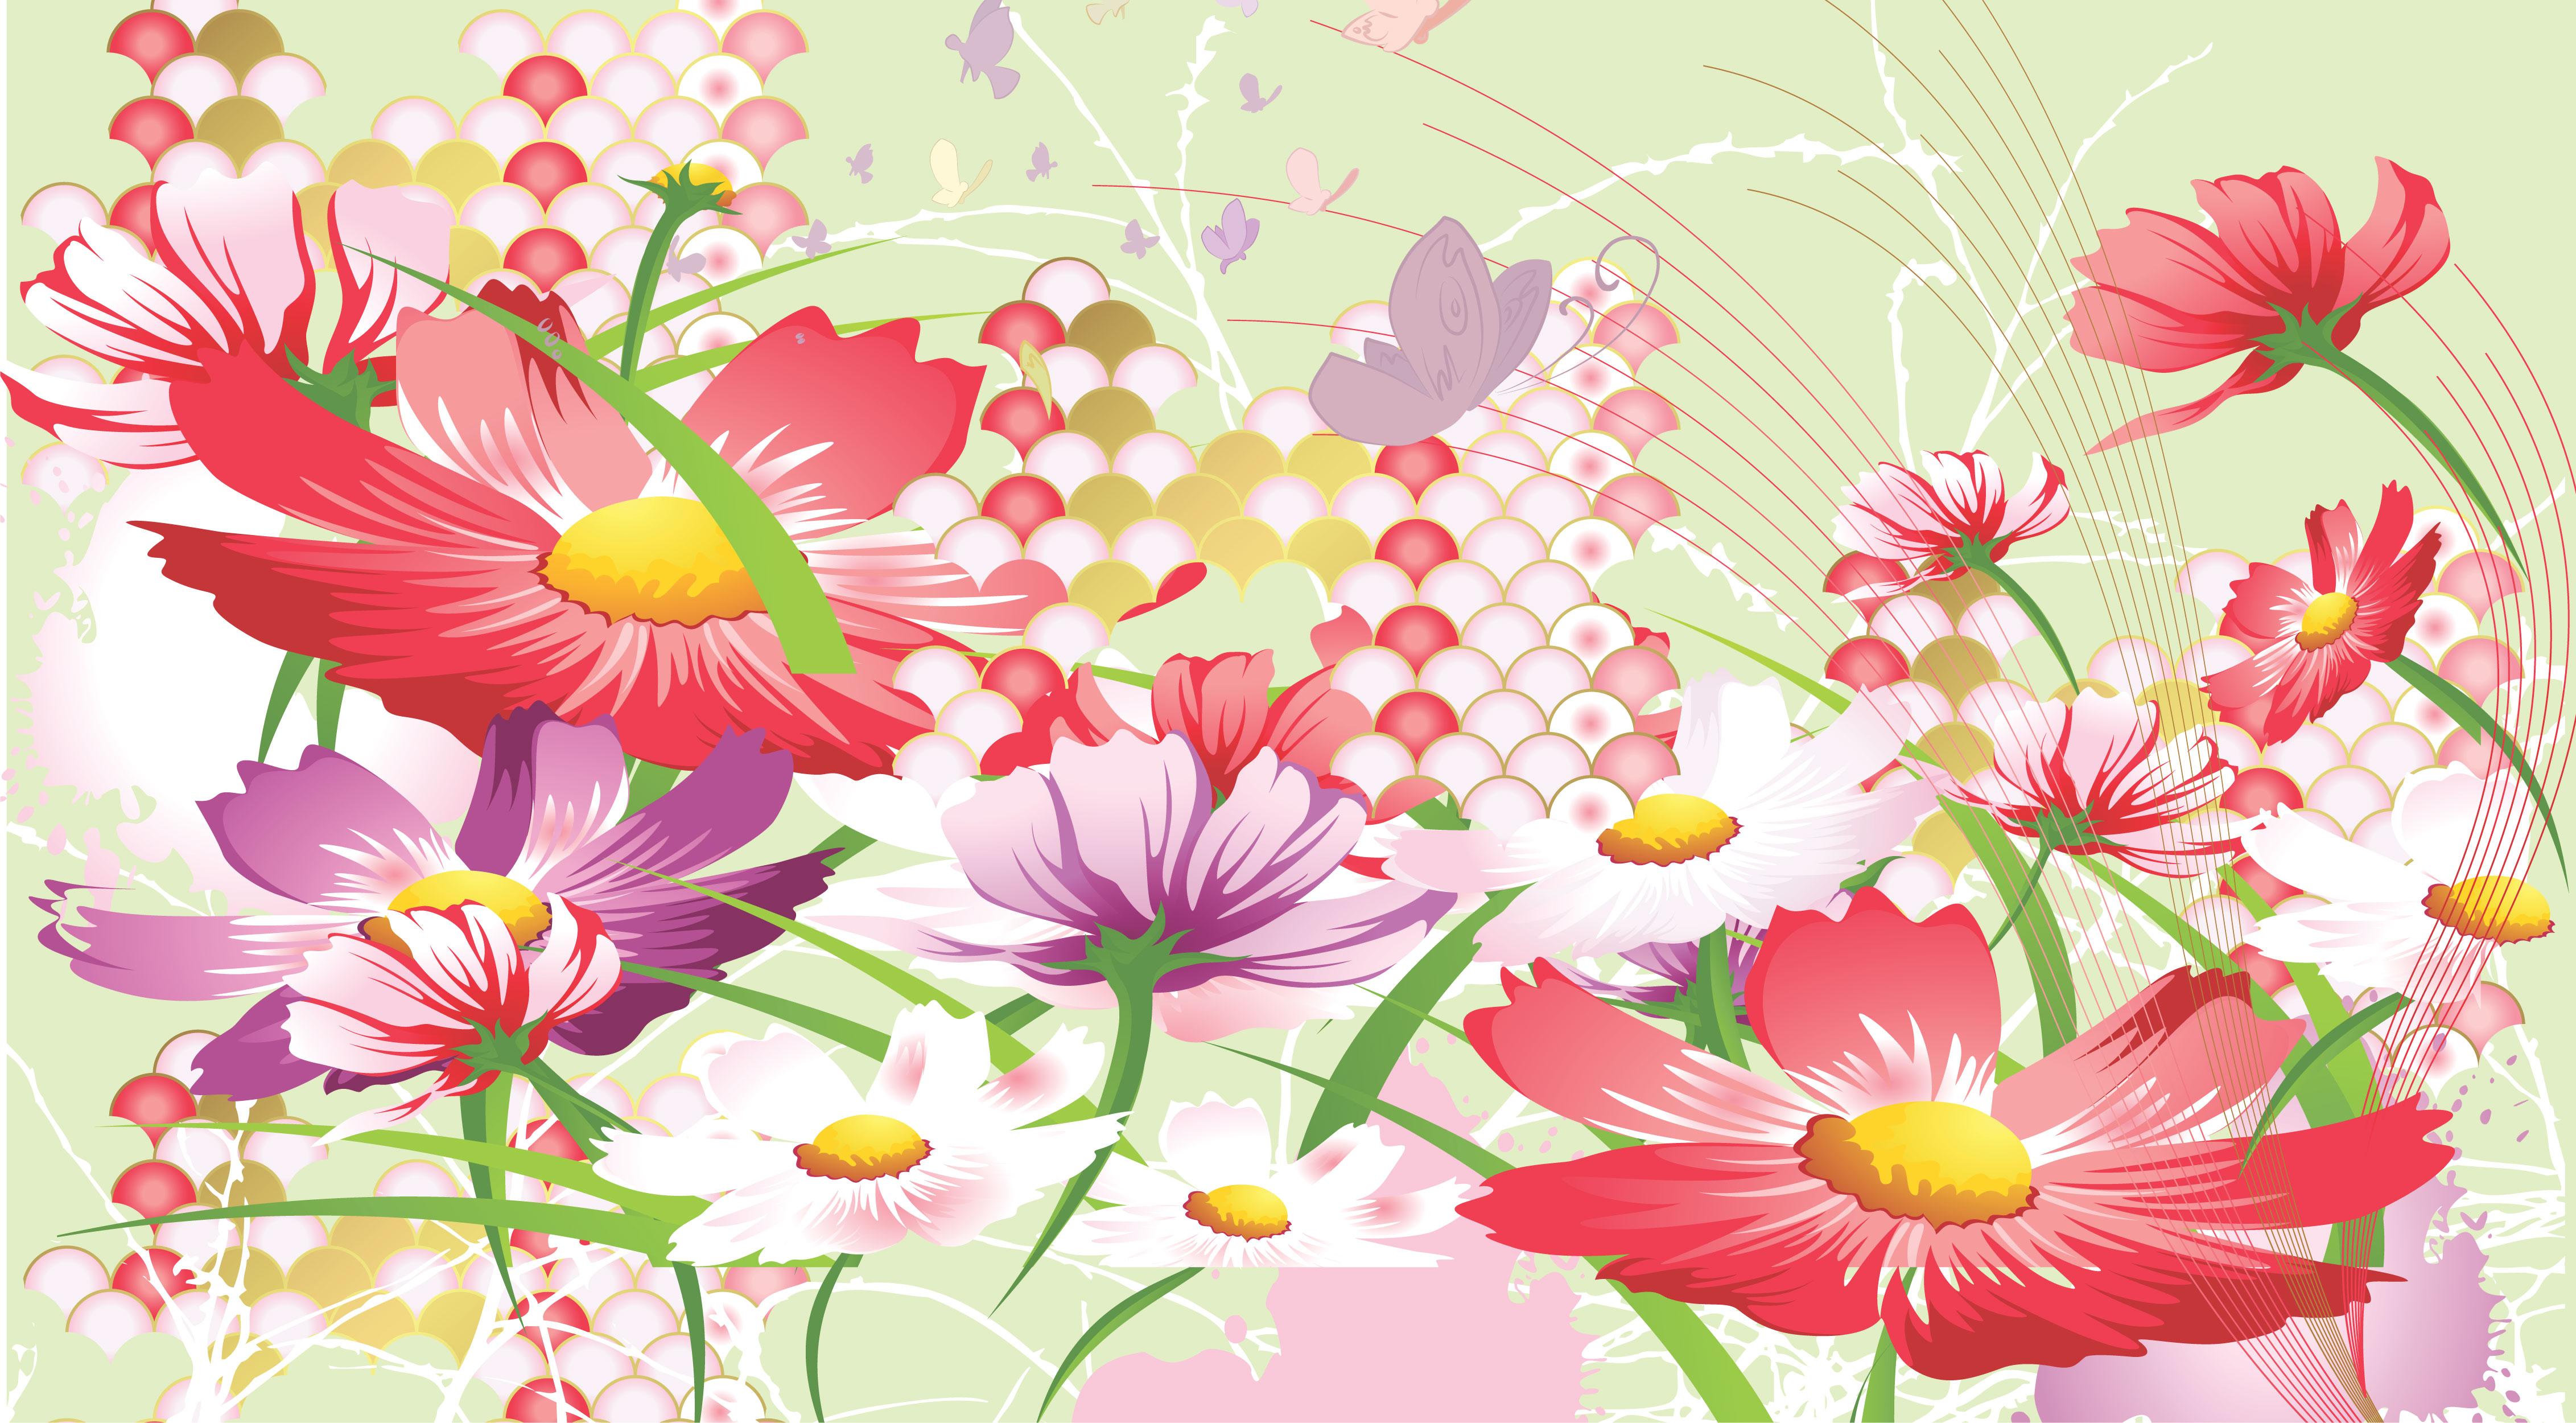 コスモスの画像 イラスト フリー素材 No 091 コスモス壁紙 群生 蝶